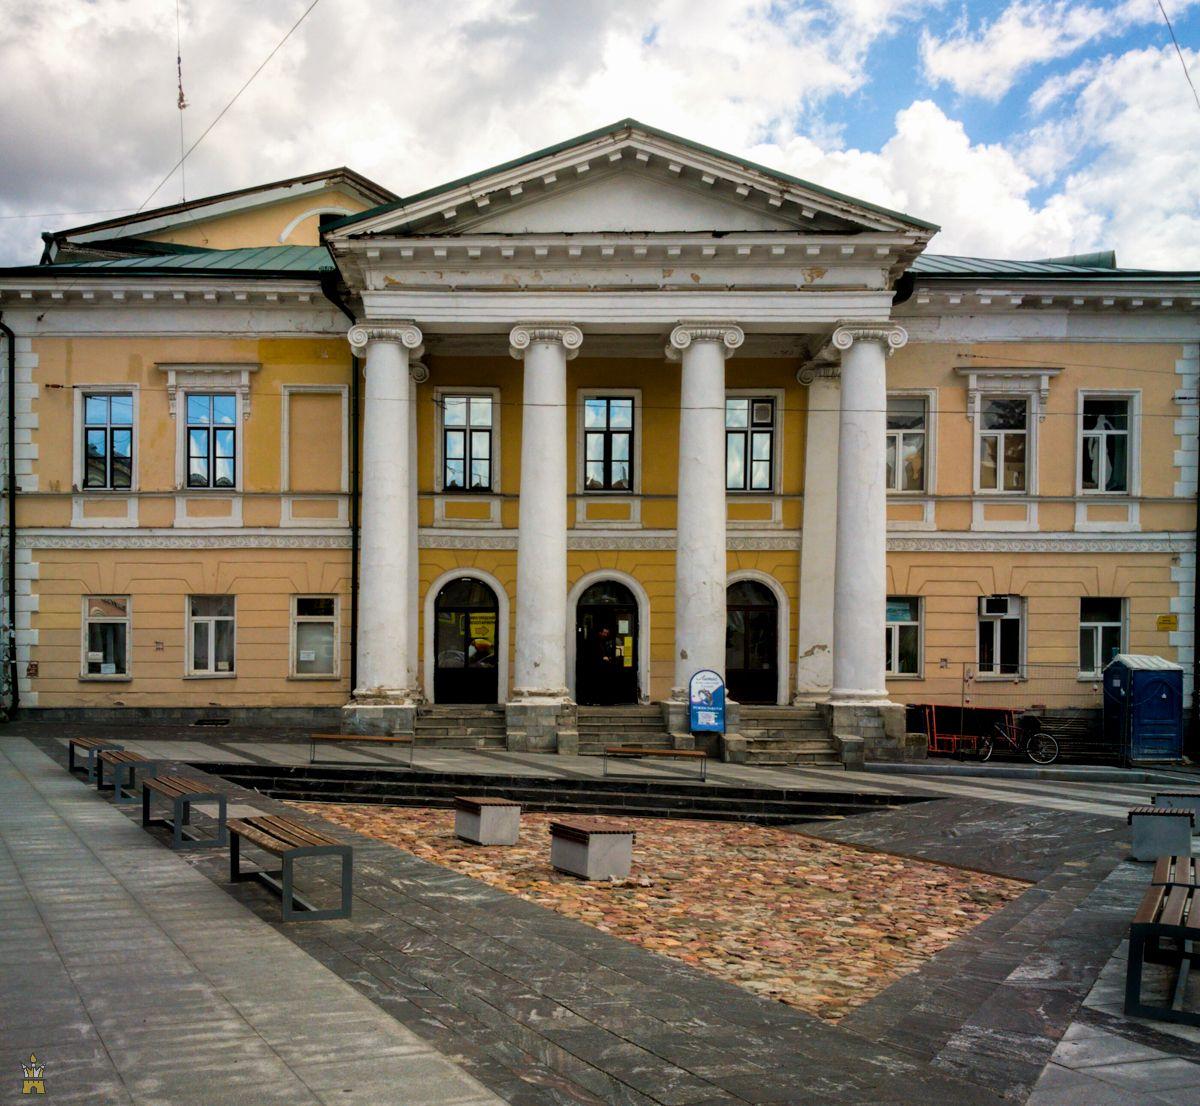 Дом культуры имени Свердлова (бывшее Дворянское собрание) в Нижнем Новгороде